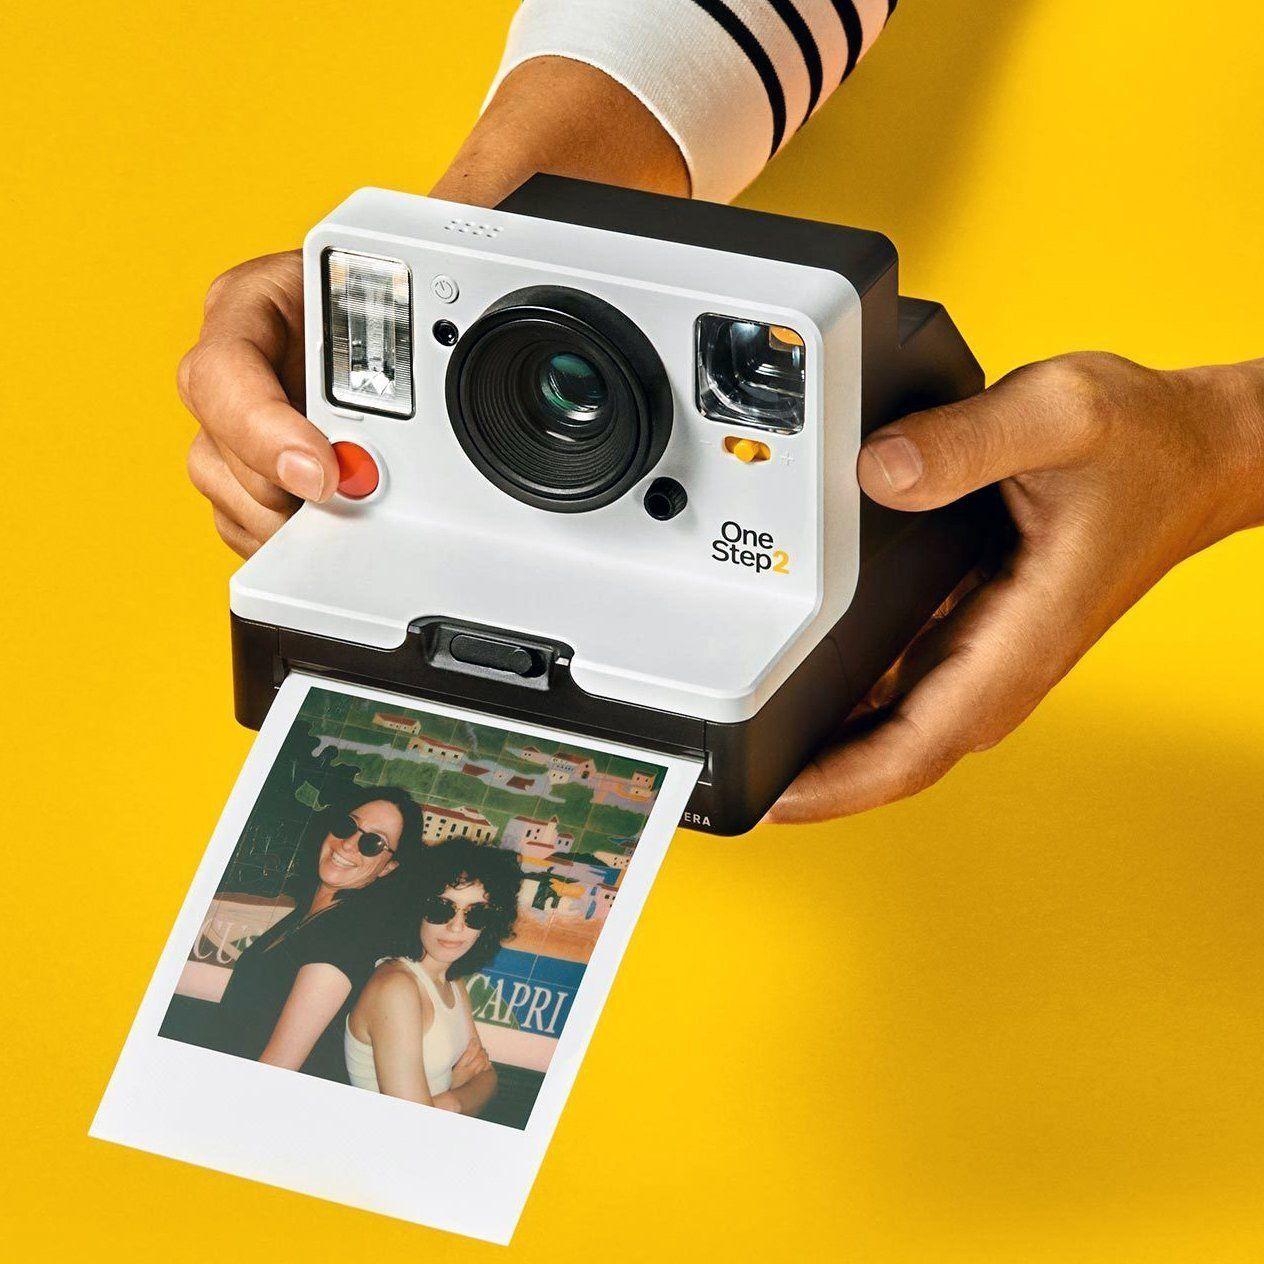 ae1e68c91 Polaroid Originals OneStep 2 Instant Analog Camera #CameraGadgets, #instant,  #photography